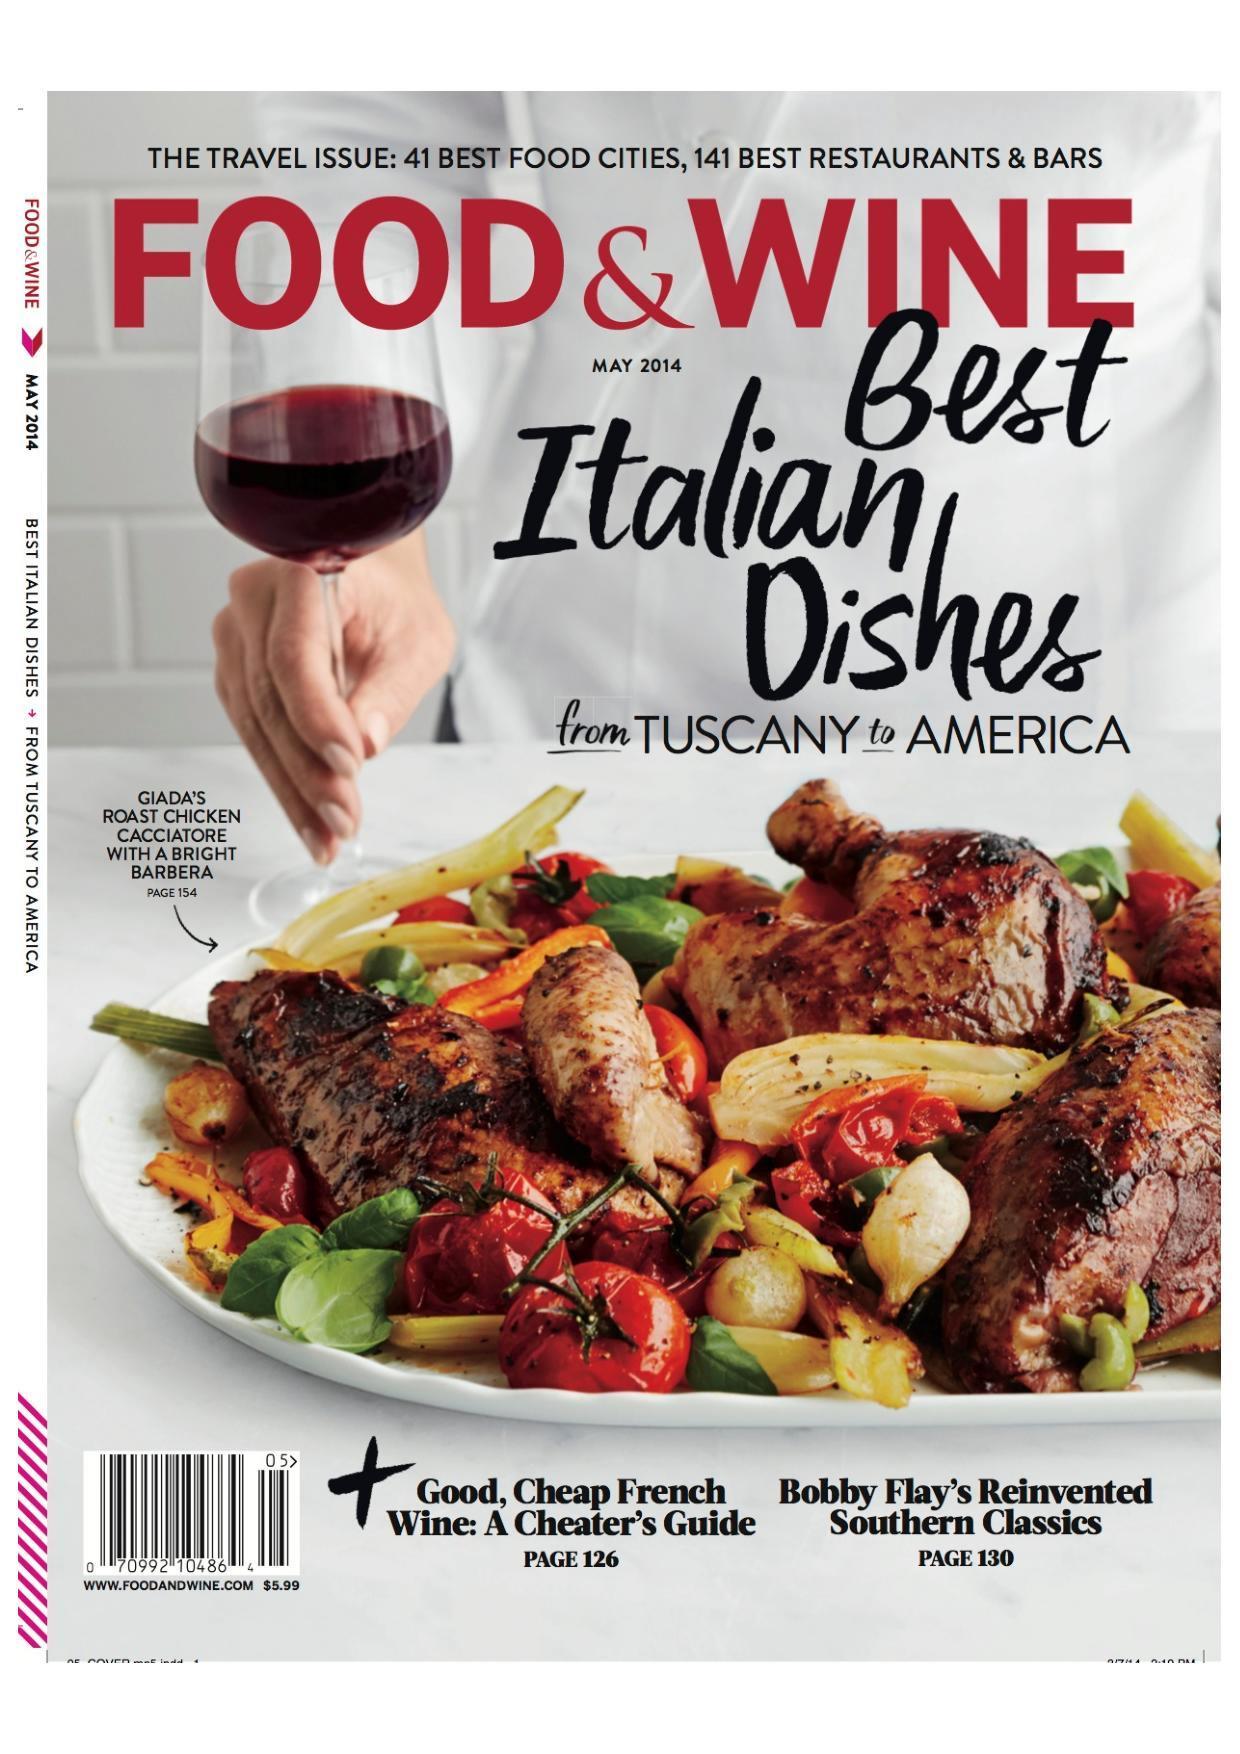 FOOD_WINE-MAY_2014-GO_LIST-1.jpg